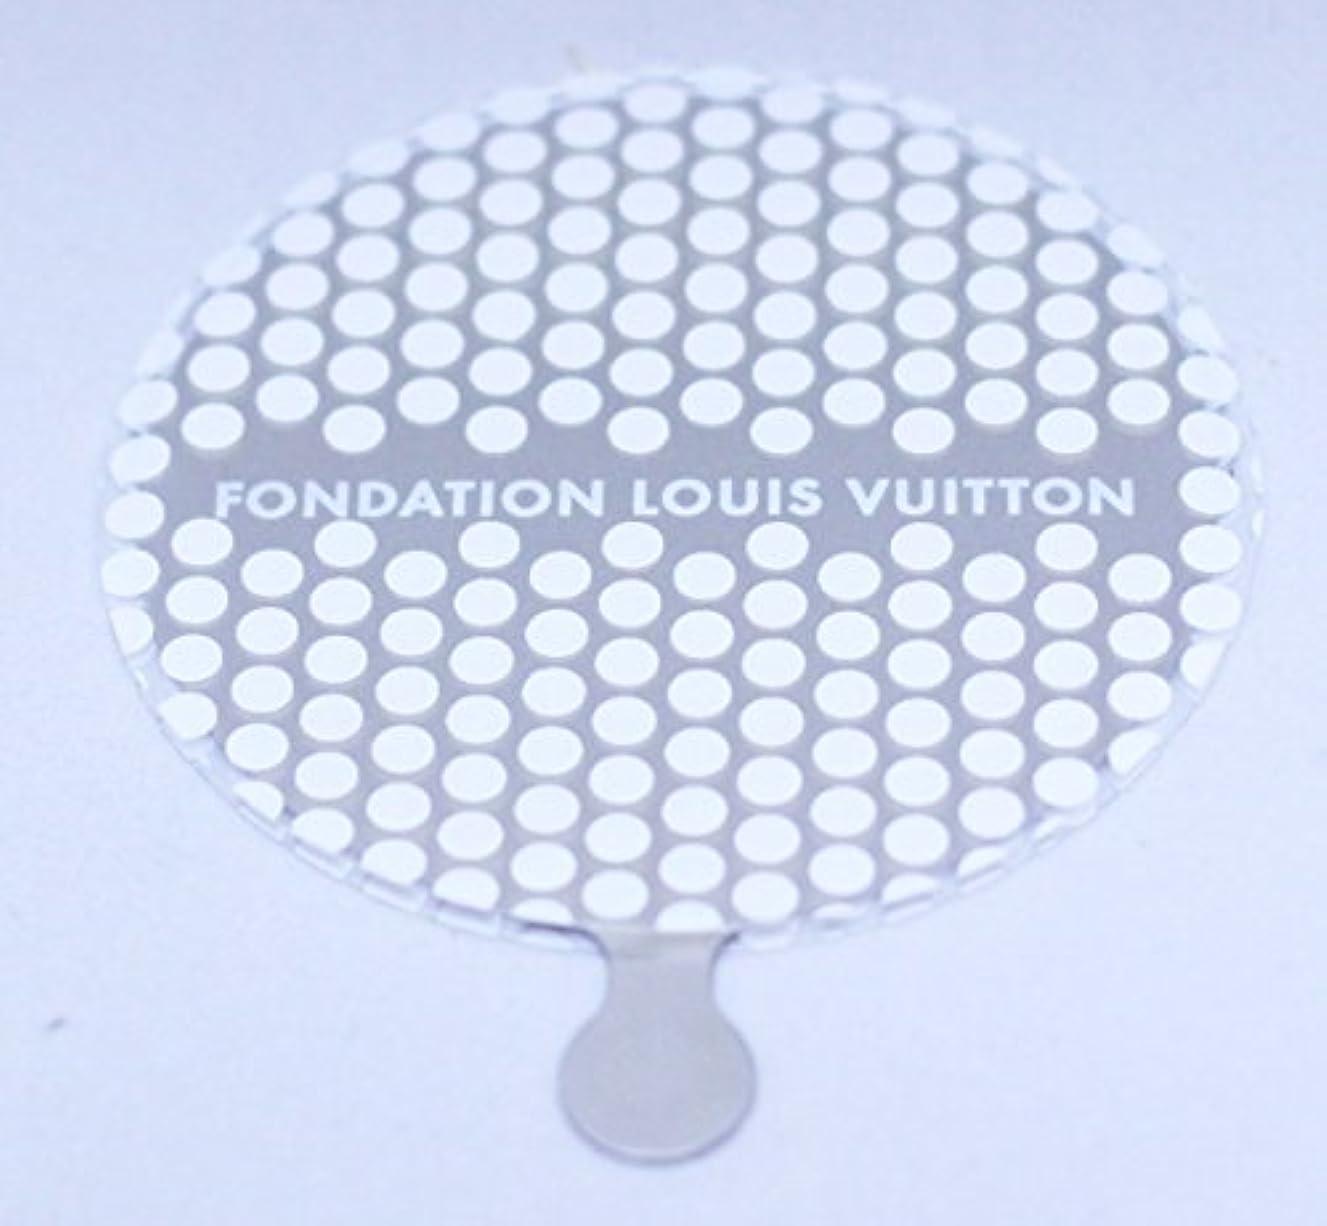 クラック教育学メンタールイヴィトン財団 美術館 限定 FONDATION LOUIS VUITTON ハンドミラー [並行輸入品]